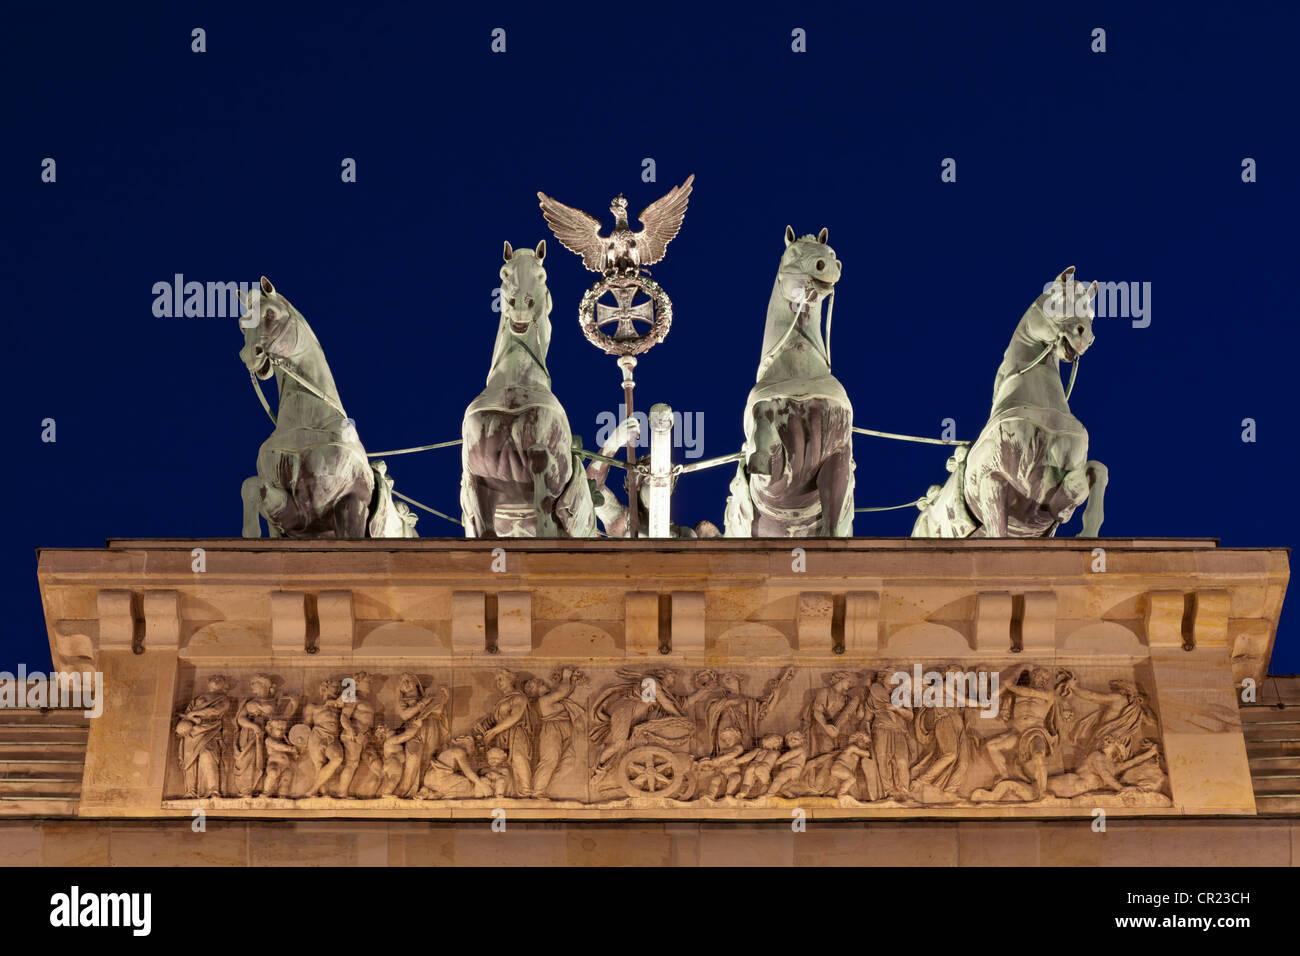 Kunstvolle Statuen auf columned Gebäude Stockbild